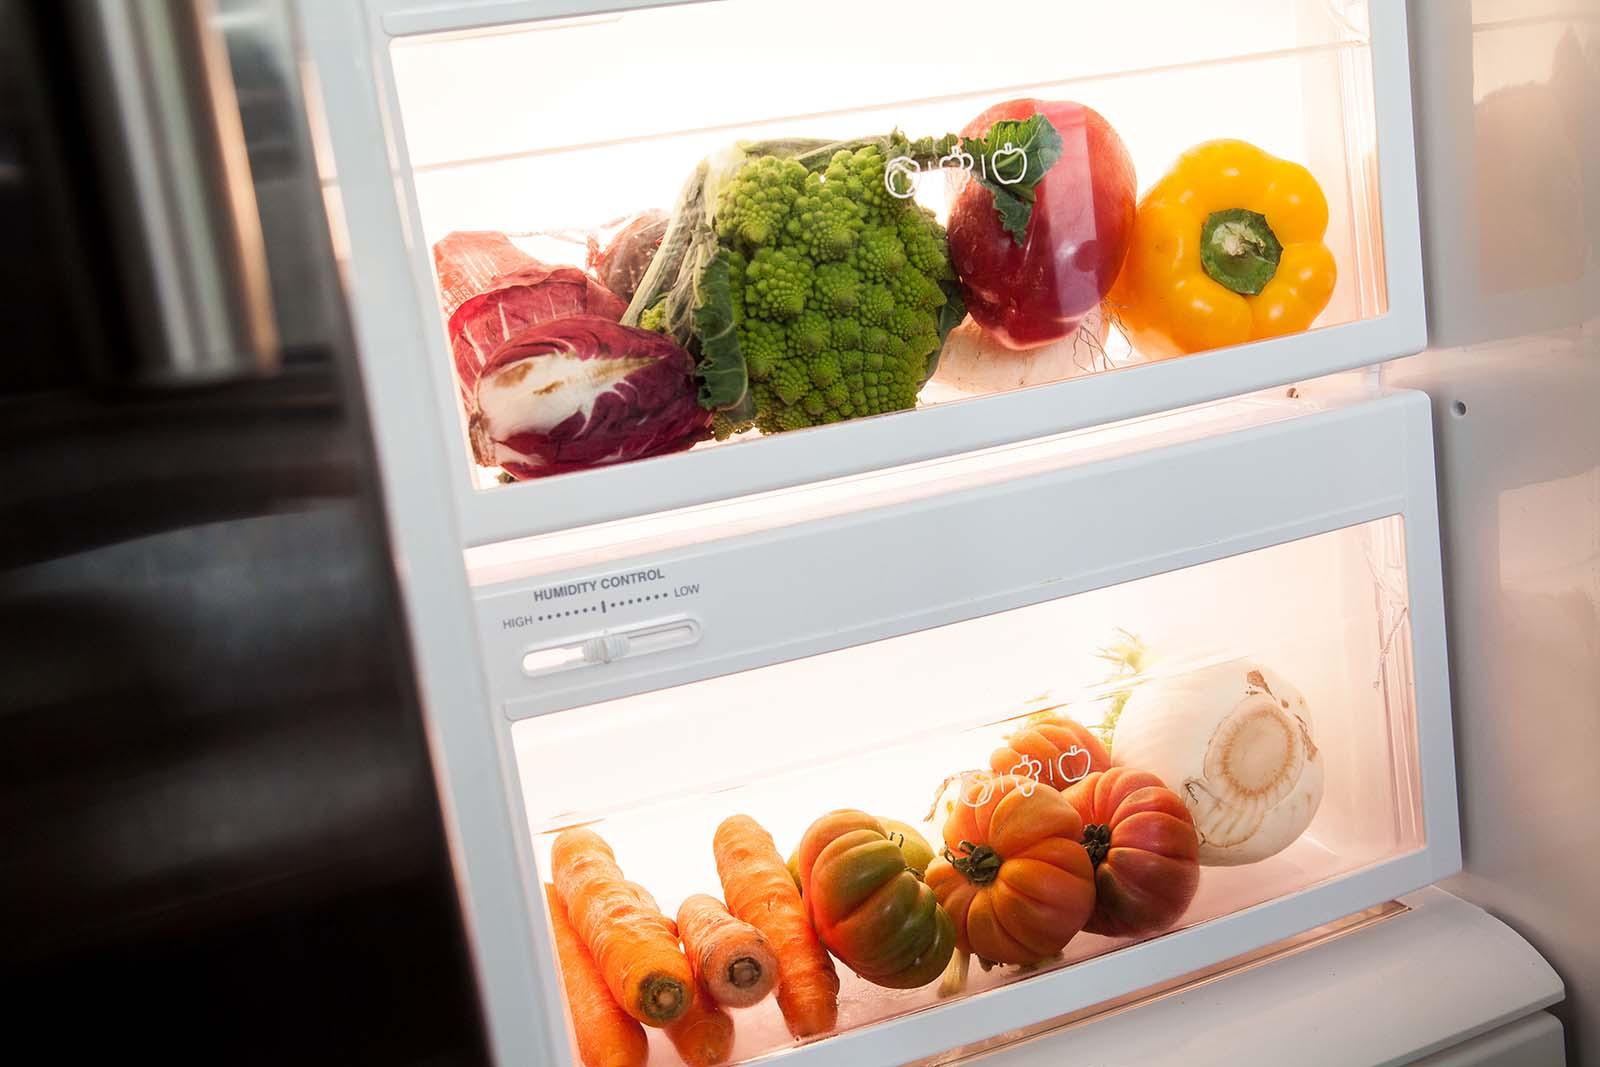 Come pulire il frigorifero e come riempirlo correttamente